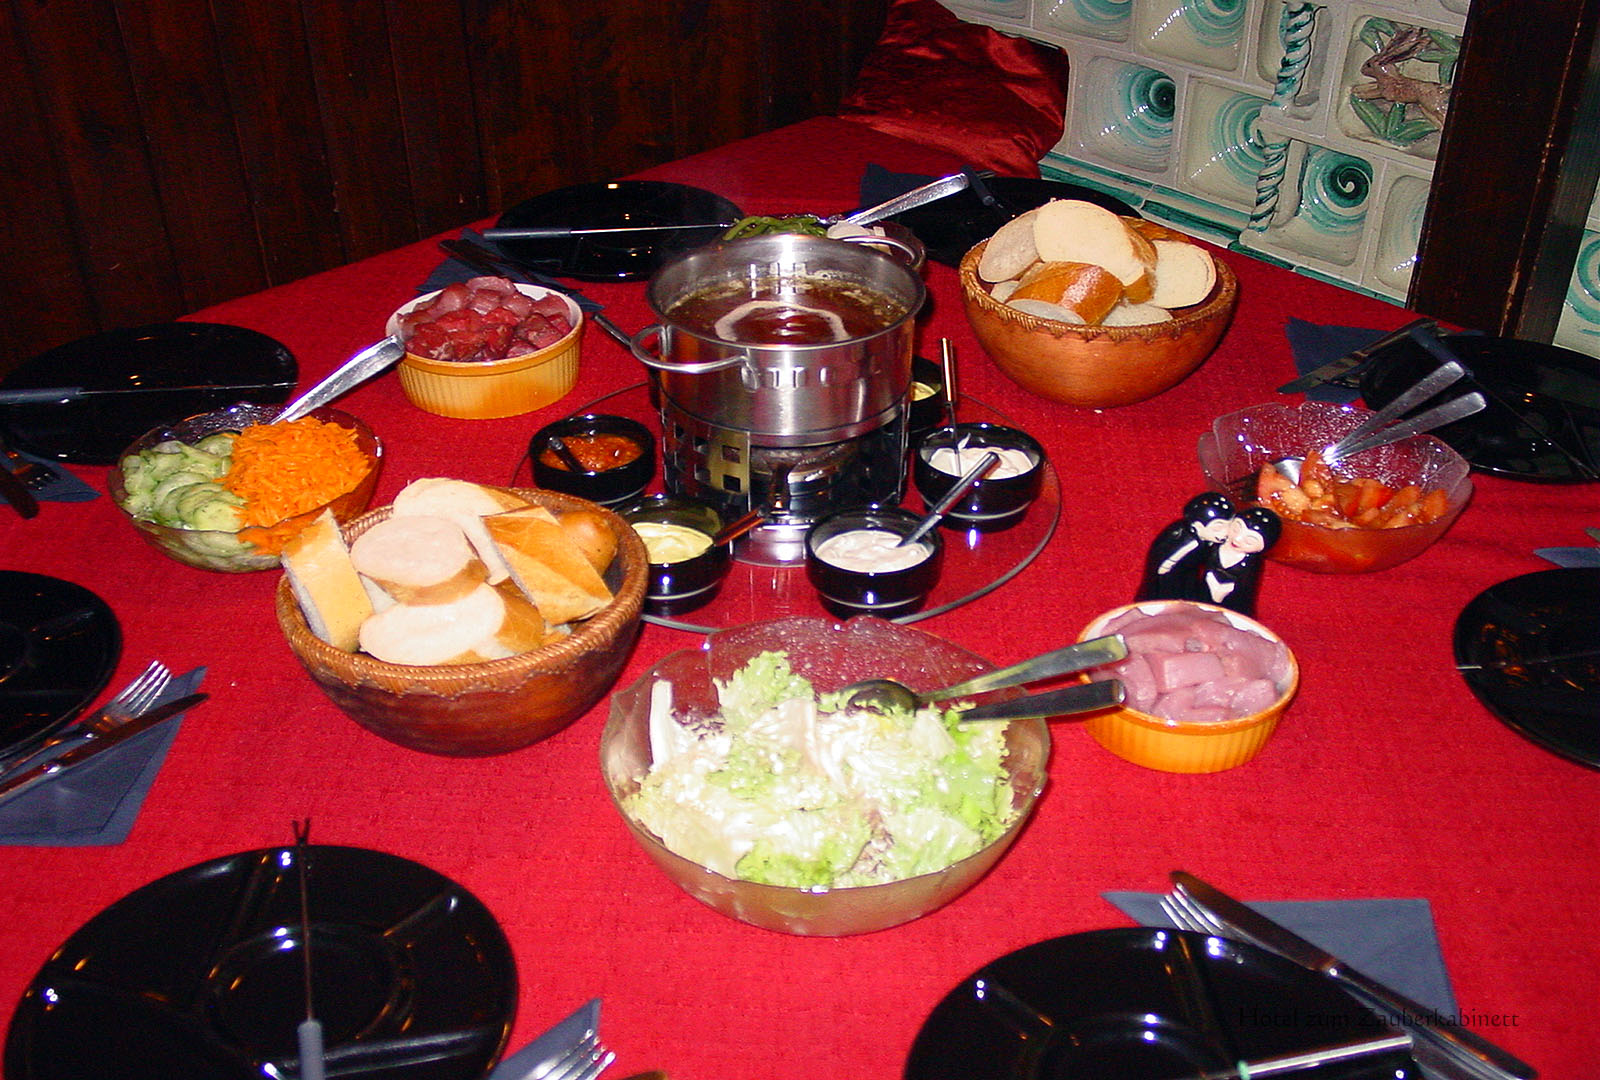 Zauber-Fondue gedeckter Tisch im Hotel zum Zauberkabinett